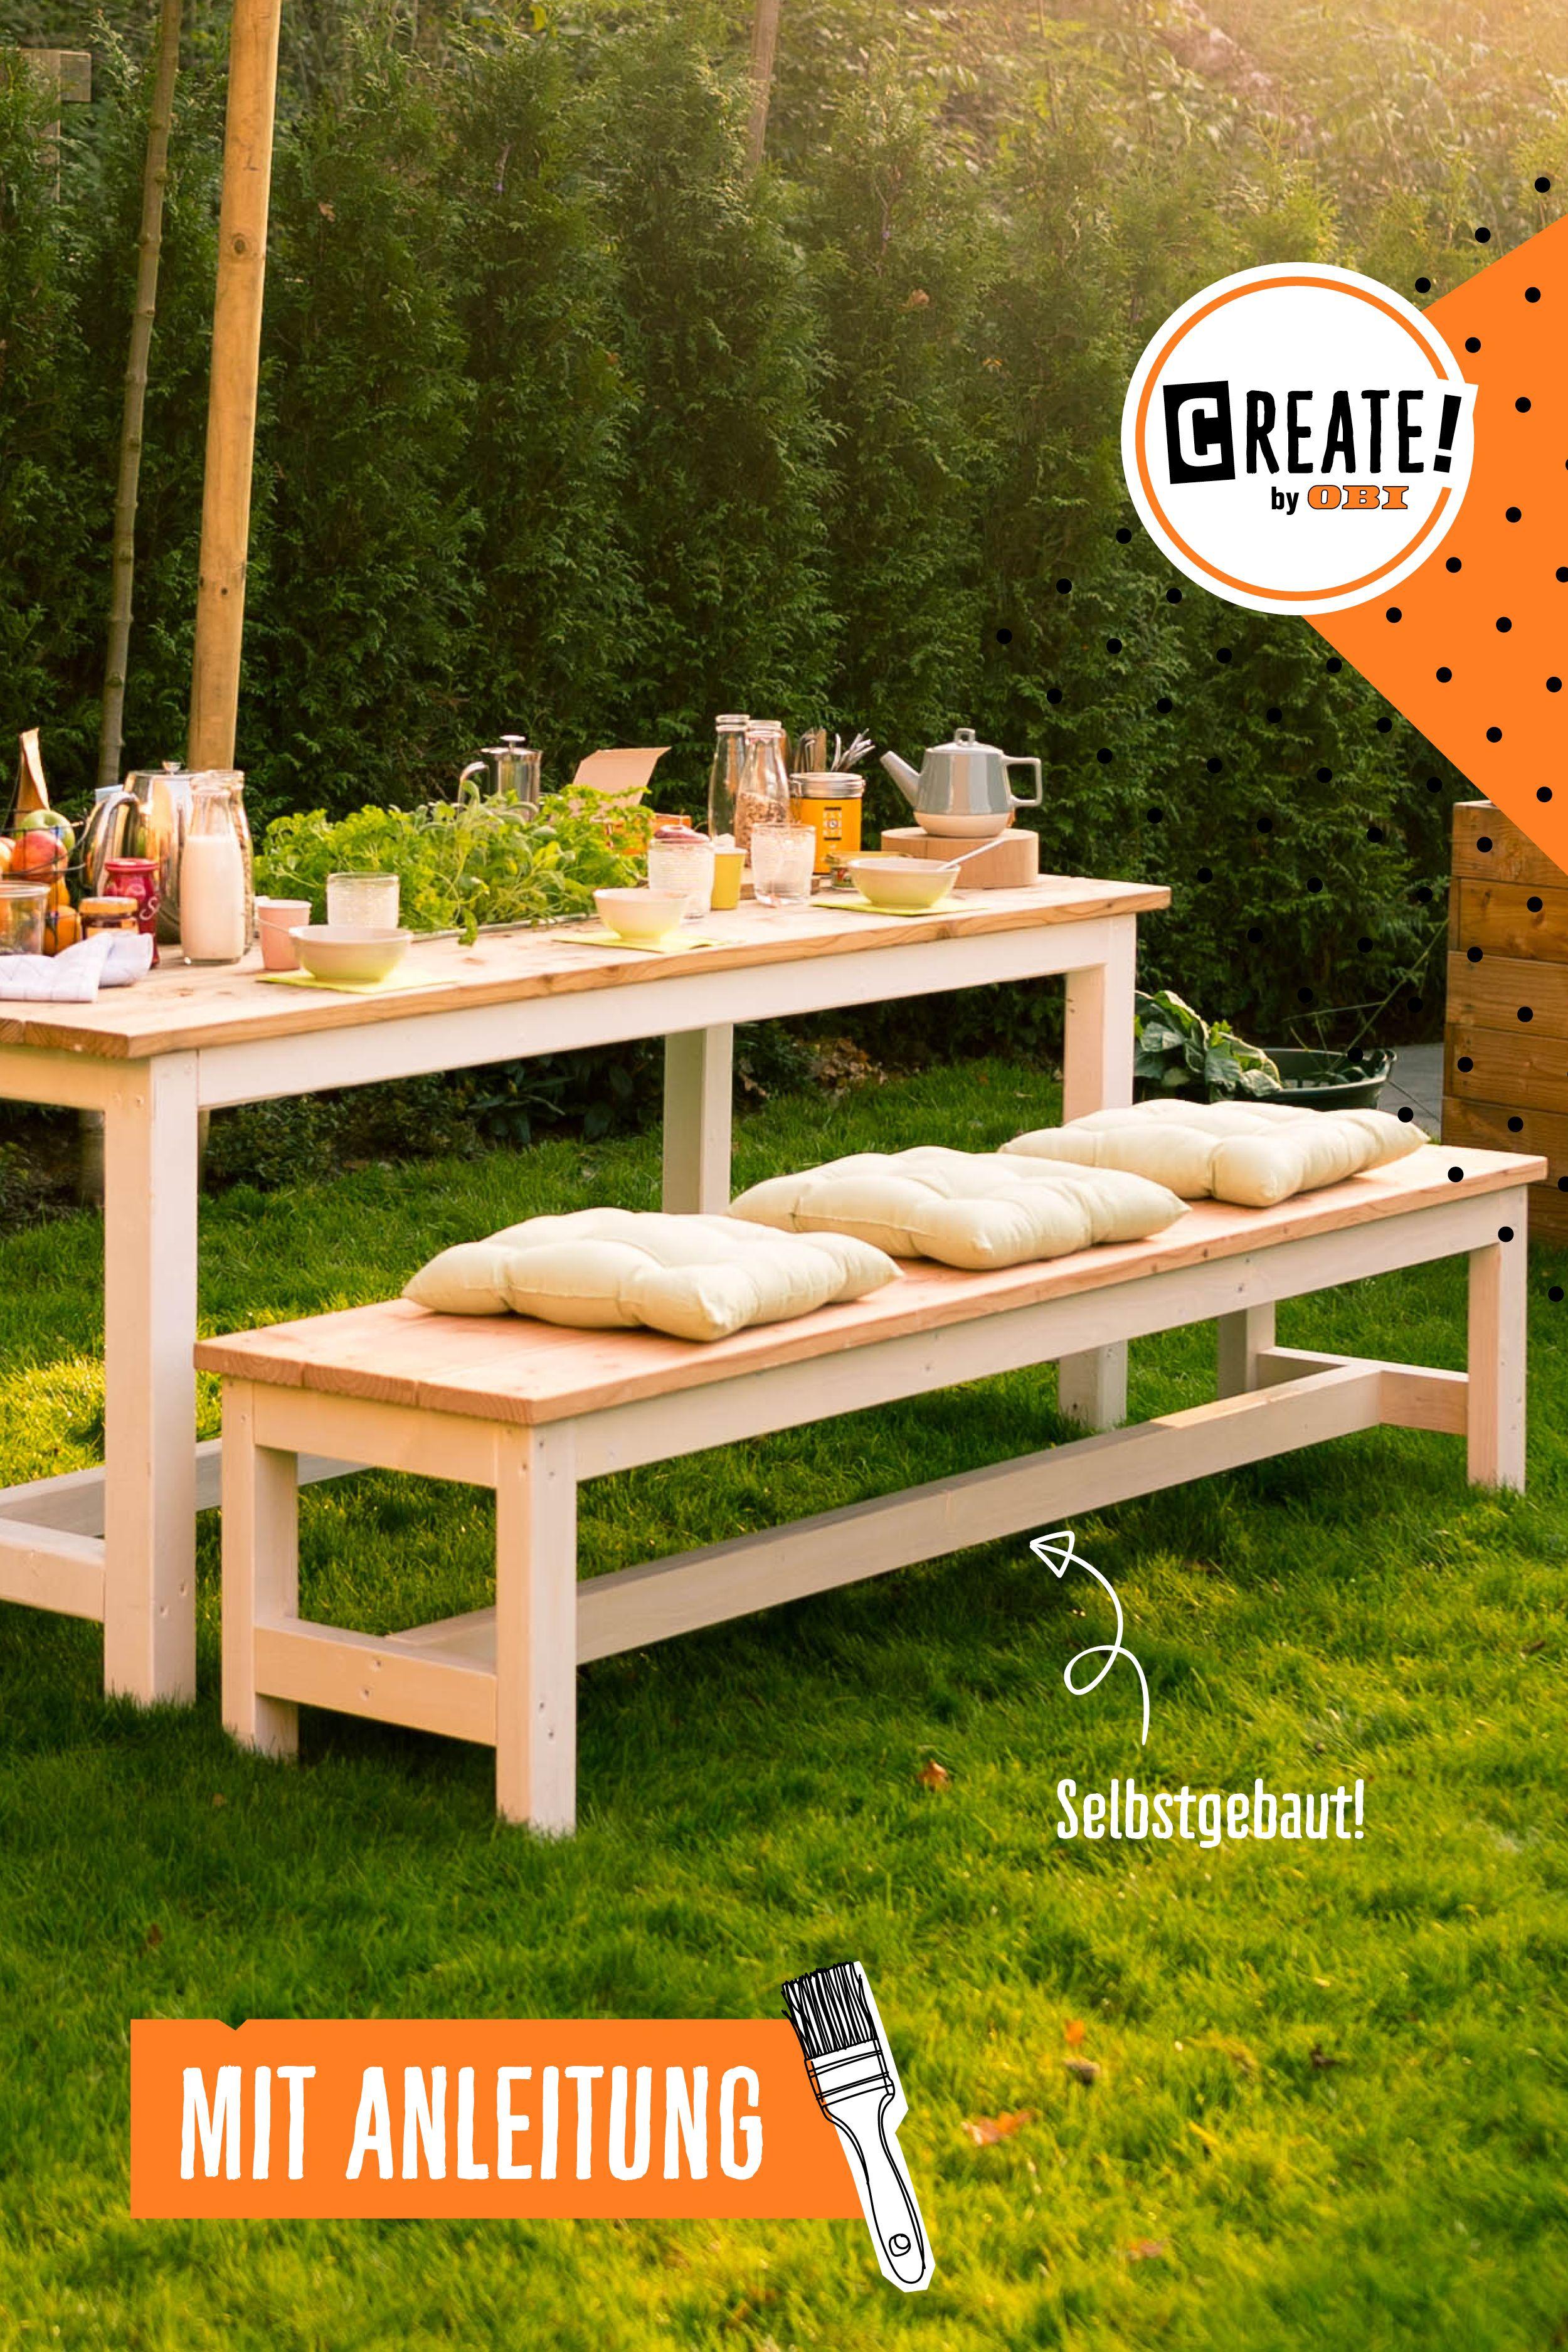 Gartentisch Richard Create By Obi Gartenmobel Selber Bauen Gartentisch Selber Bauen Gartentisch